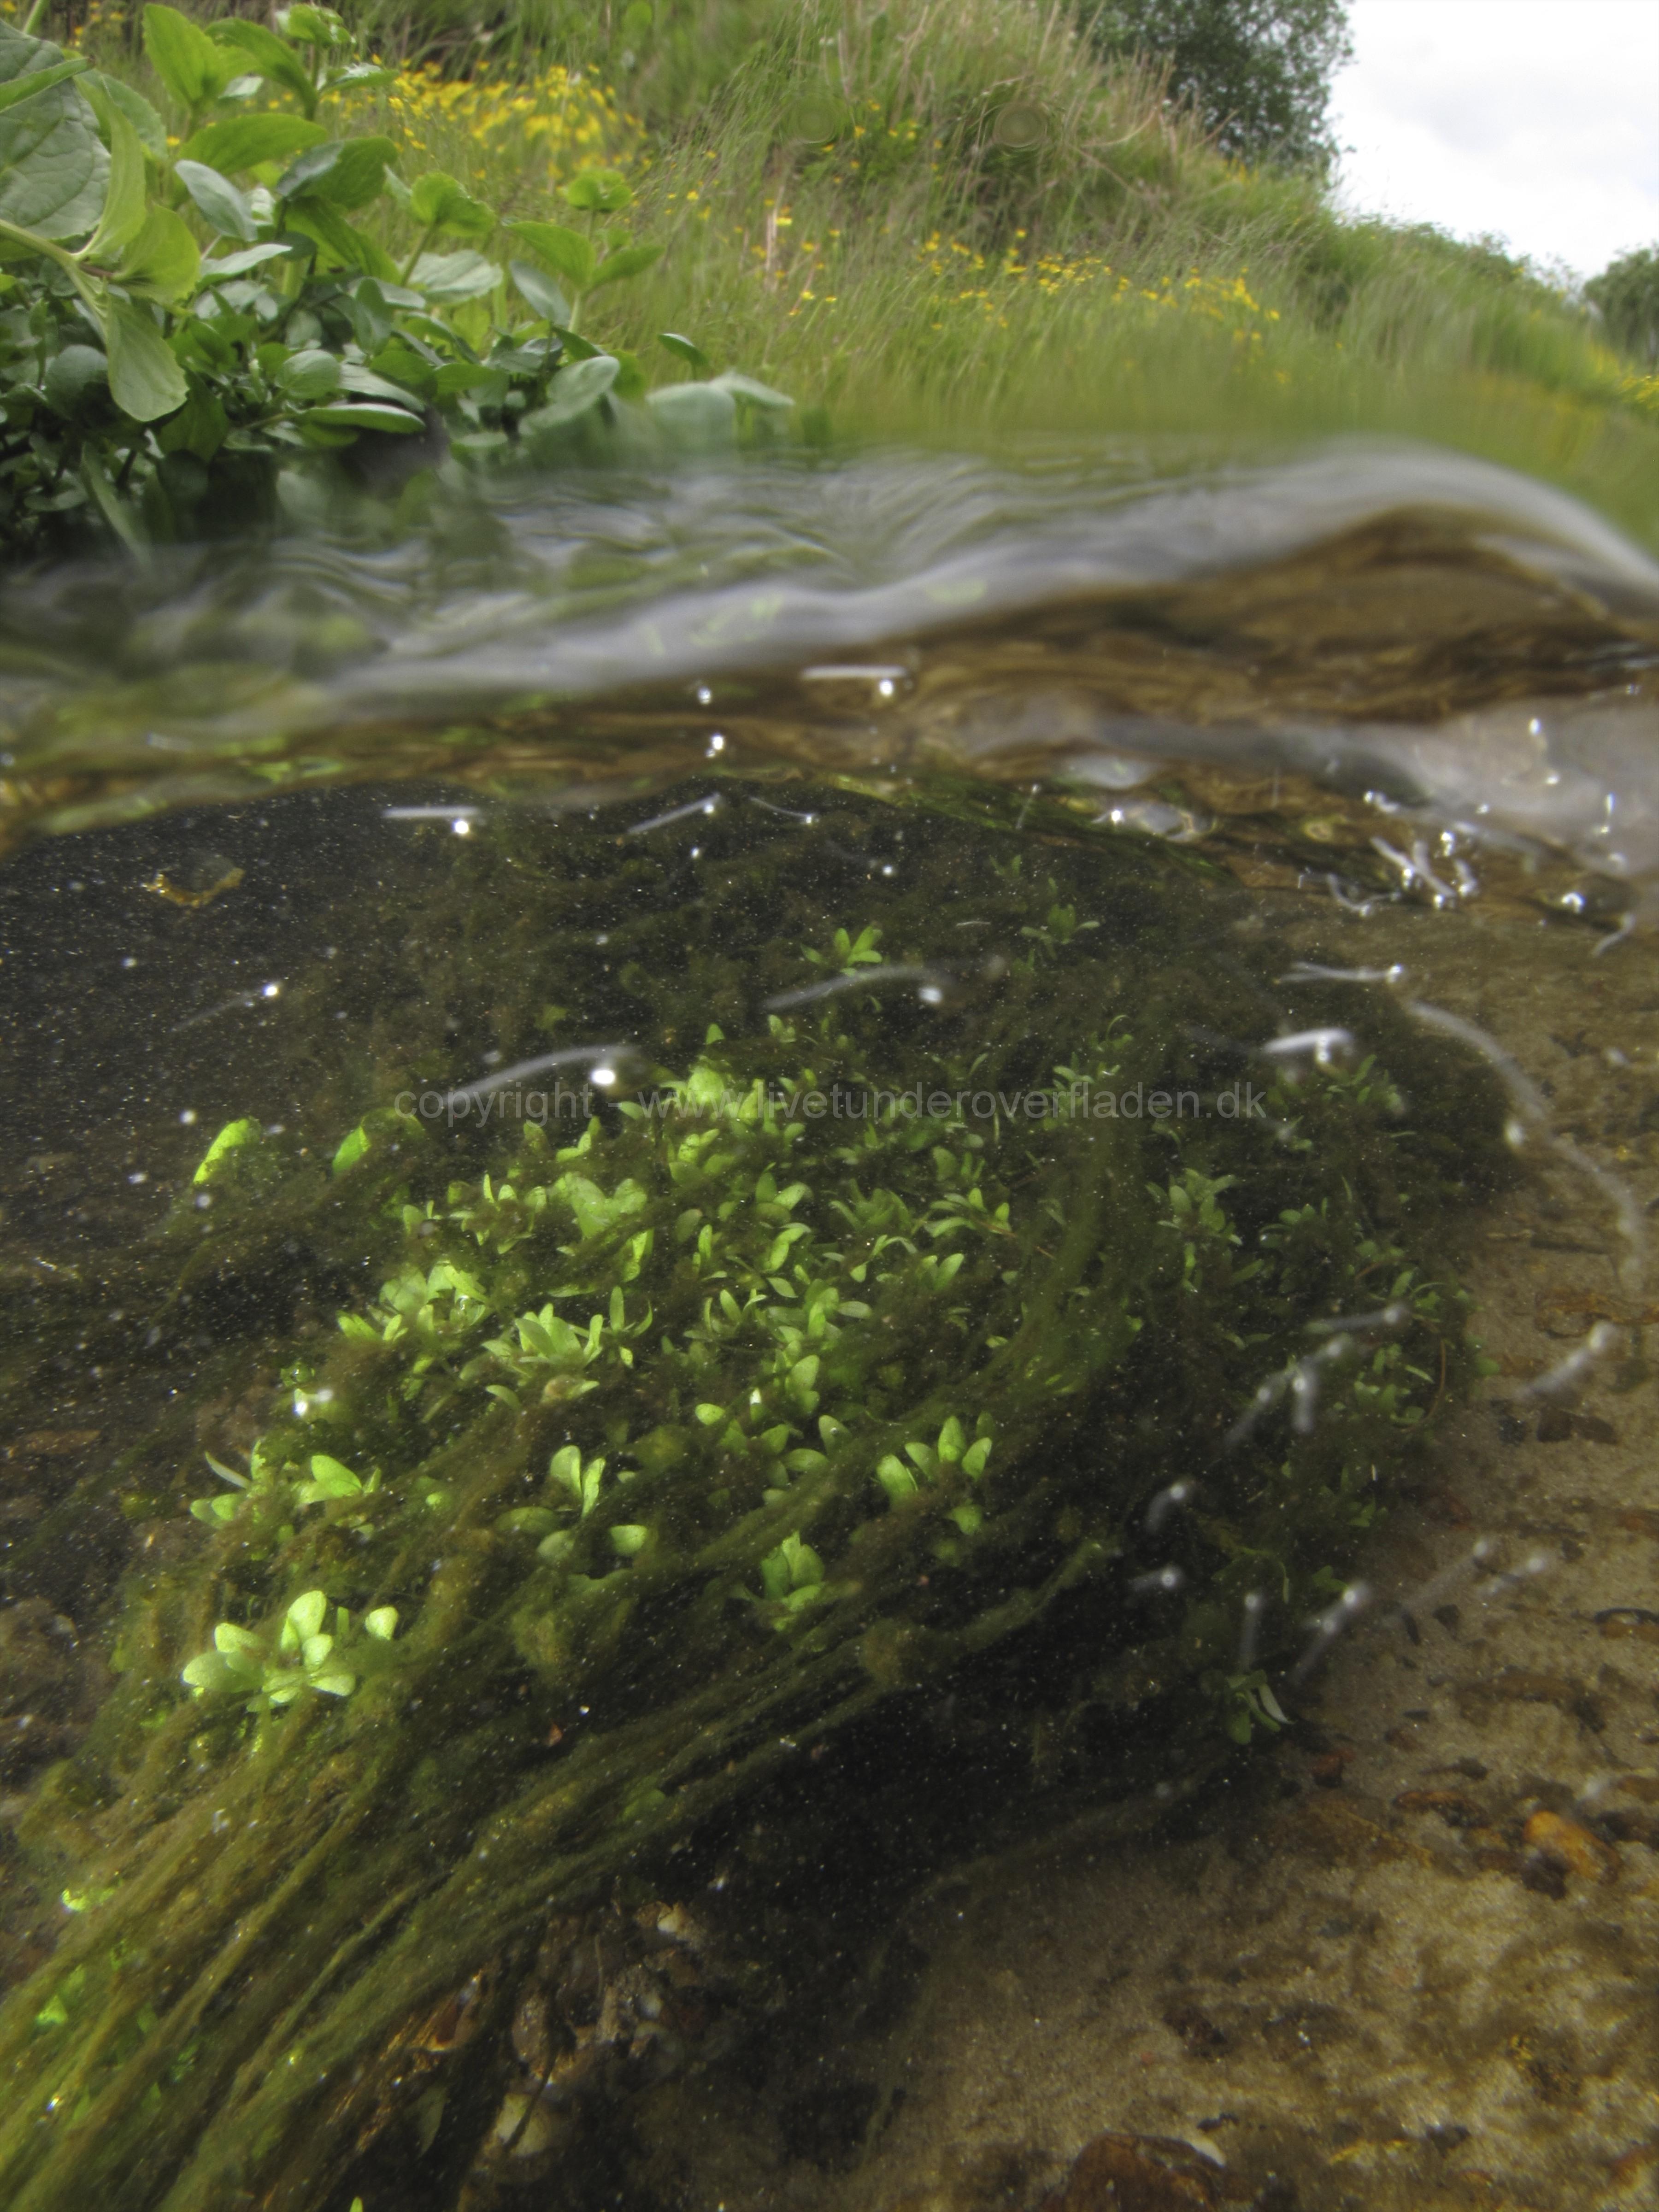 Freshwater habitat_Martin_Kielland 33